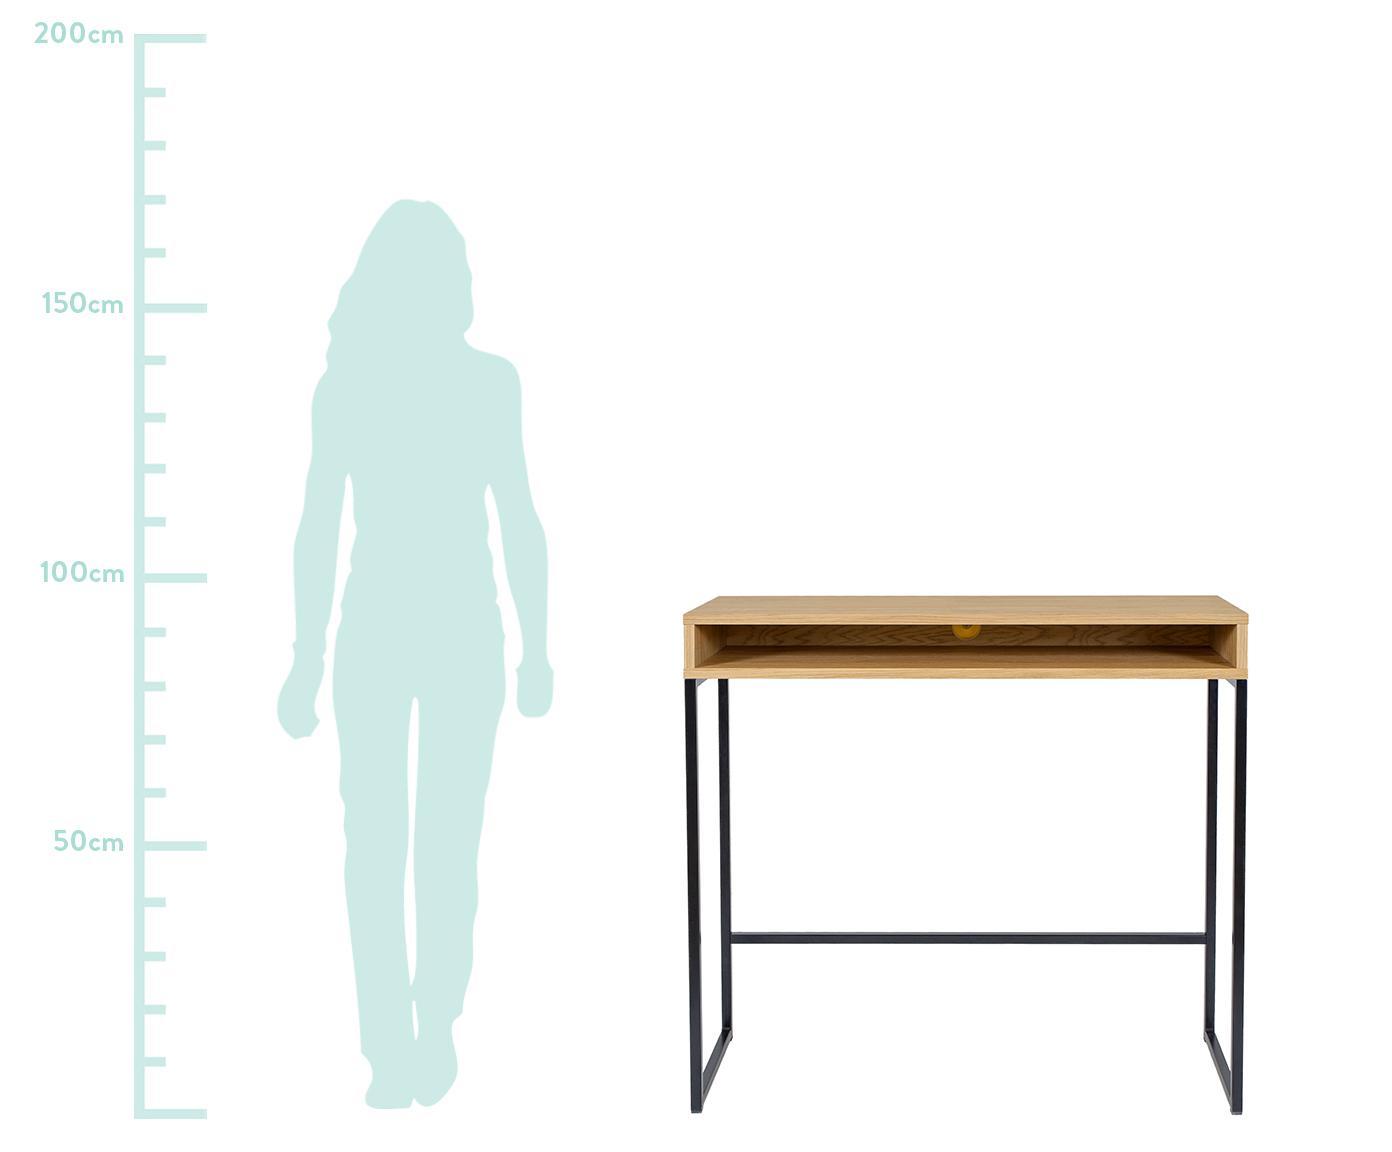 Schmaler Steh-Schreibtisch Frame, Korpus: Mitteldichte Holzfaserpla, Beine: Metall, pulverbeschichtet, Eichenholz, B 100 x T 35 cm